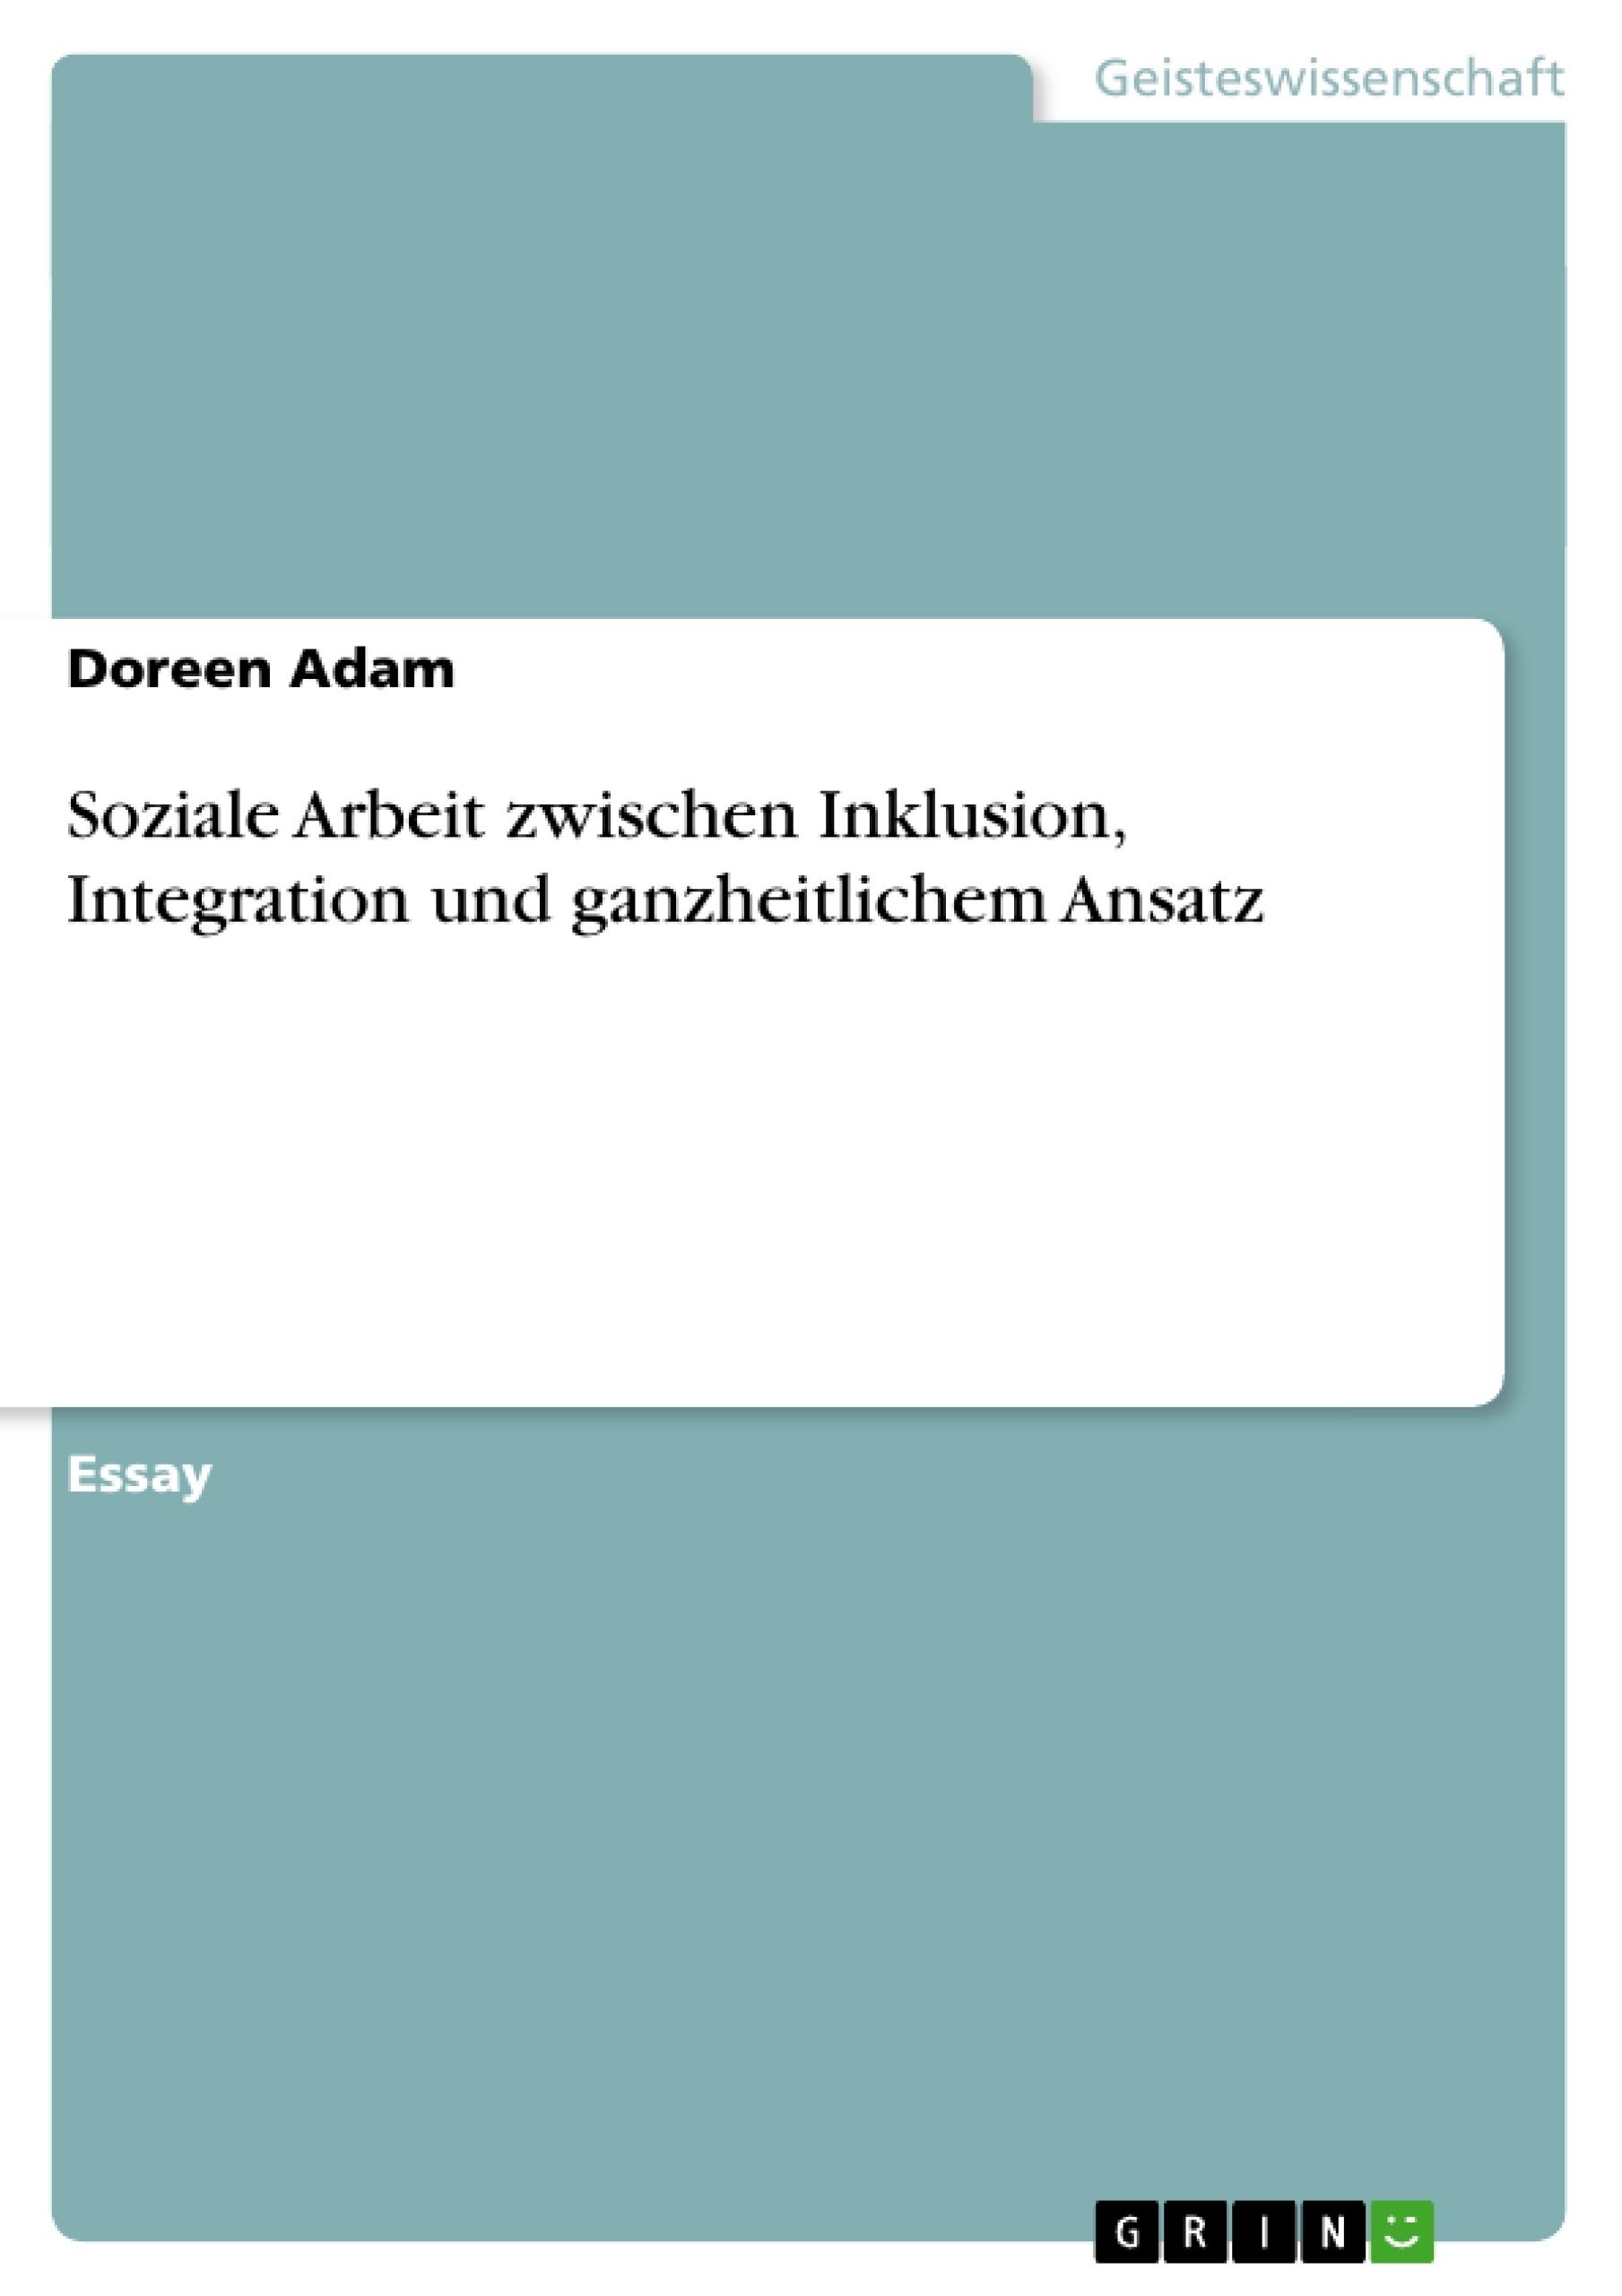 Titel: Soziale Arbeit zwischen Inklusion, Integration und ganzheitlichem Ansatz